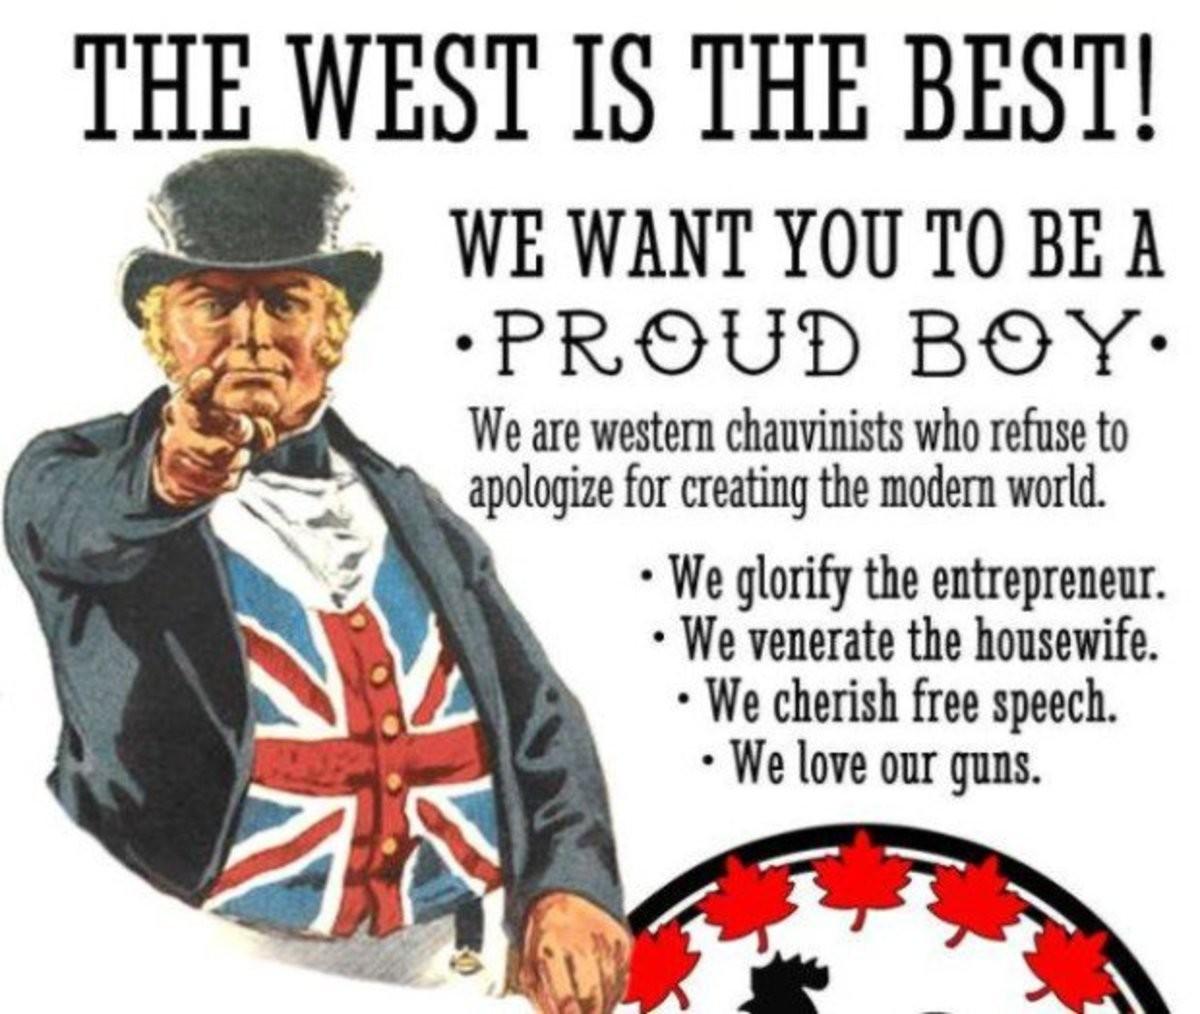 West+is+best_c275c6_6505086